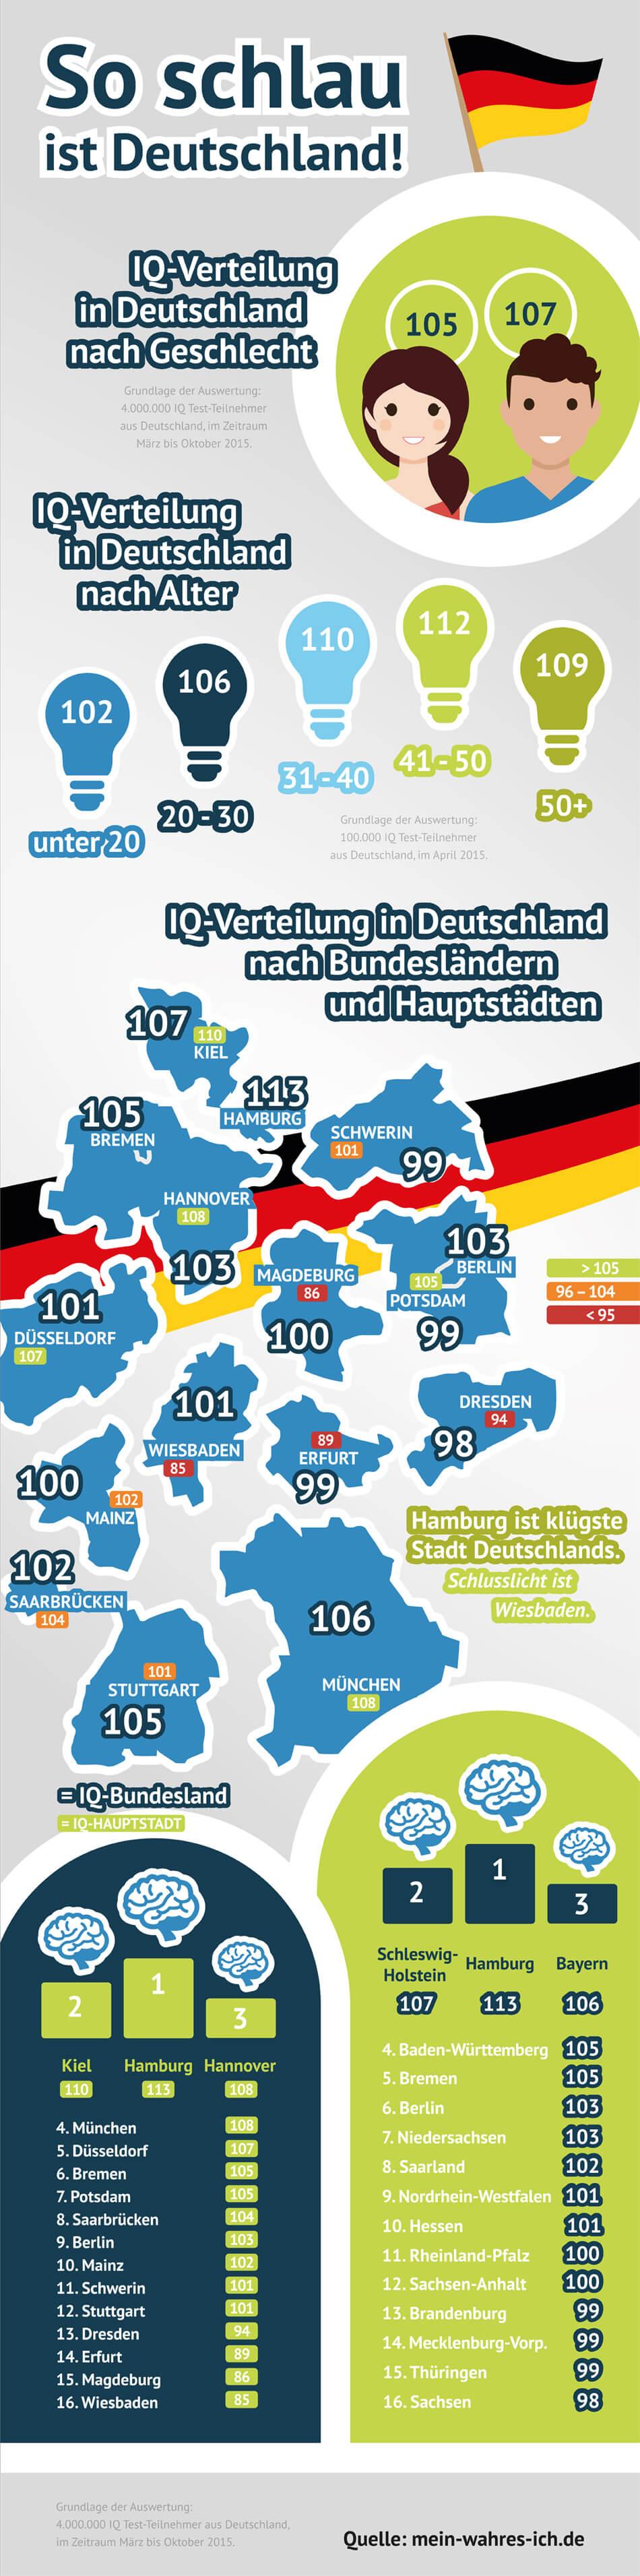 So schlau ist Deutschland